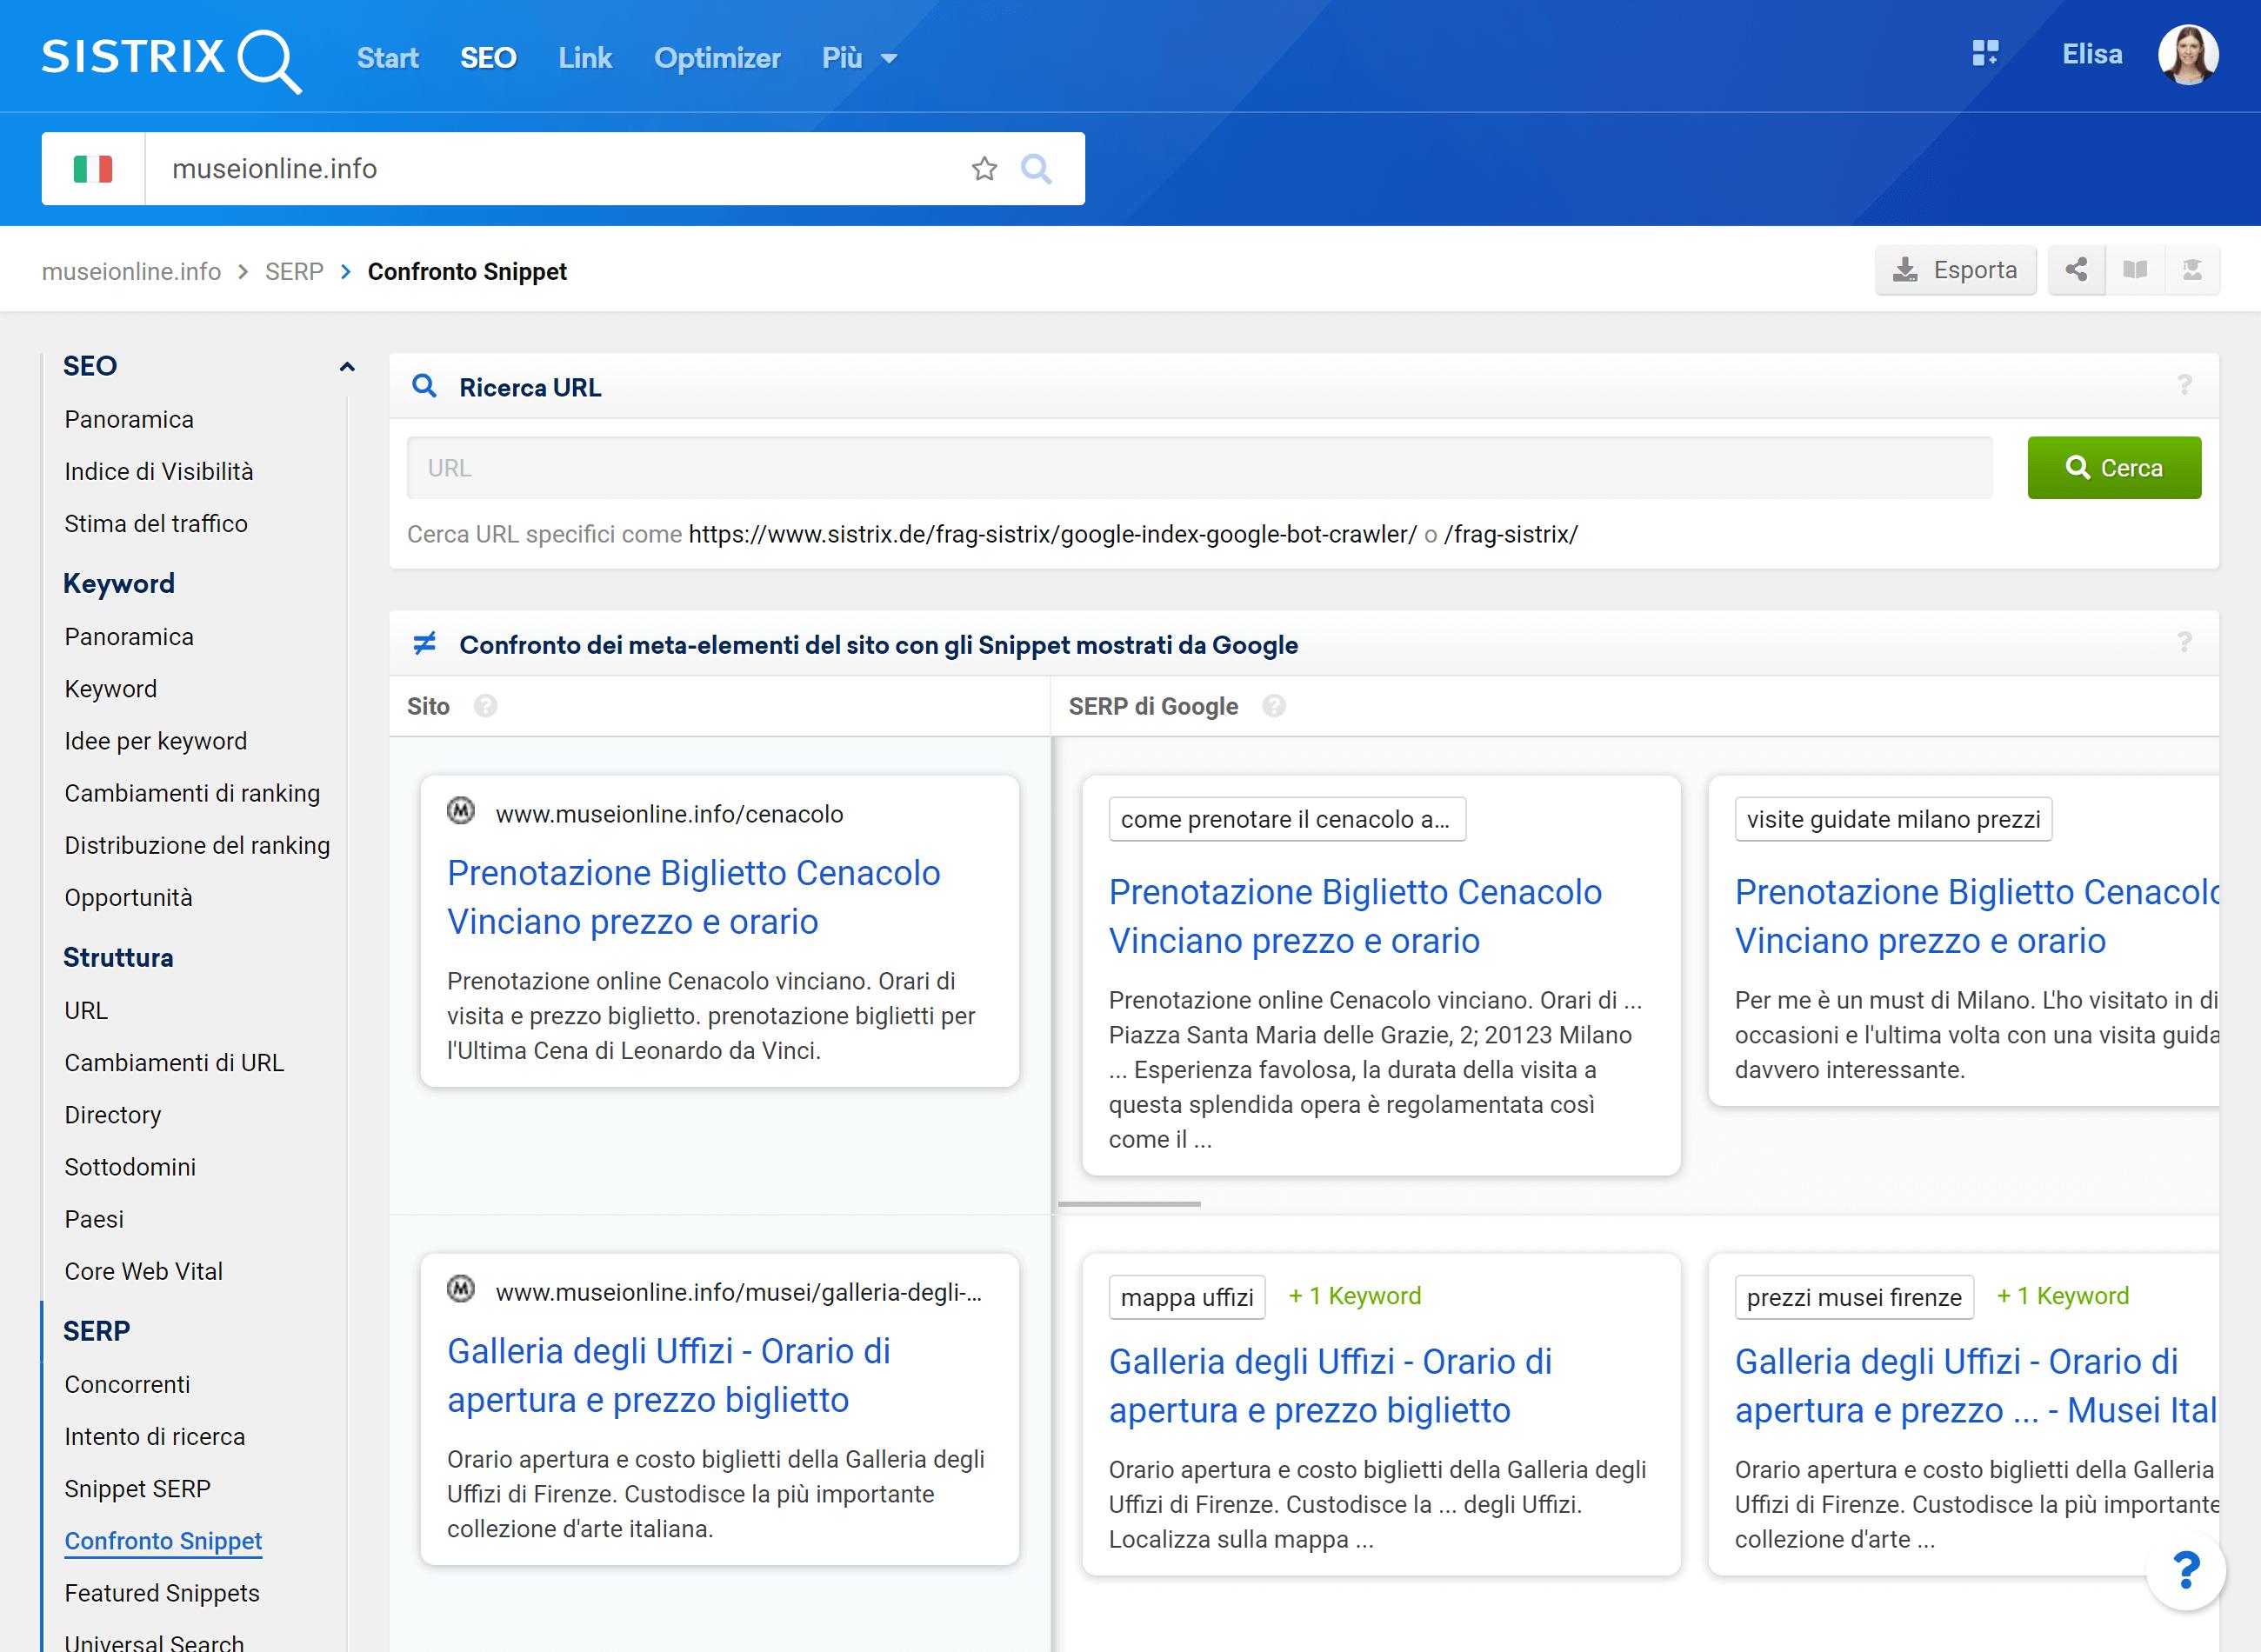 La nuova funzione di SISTRIX per confrontare Title e Description degli Snippet